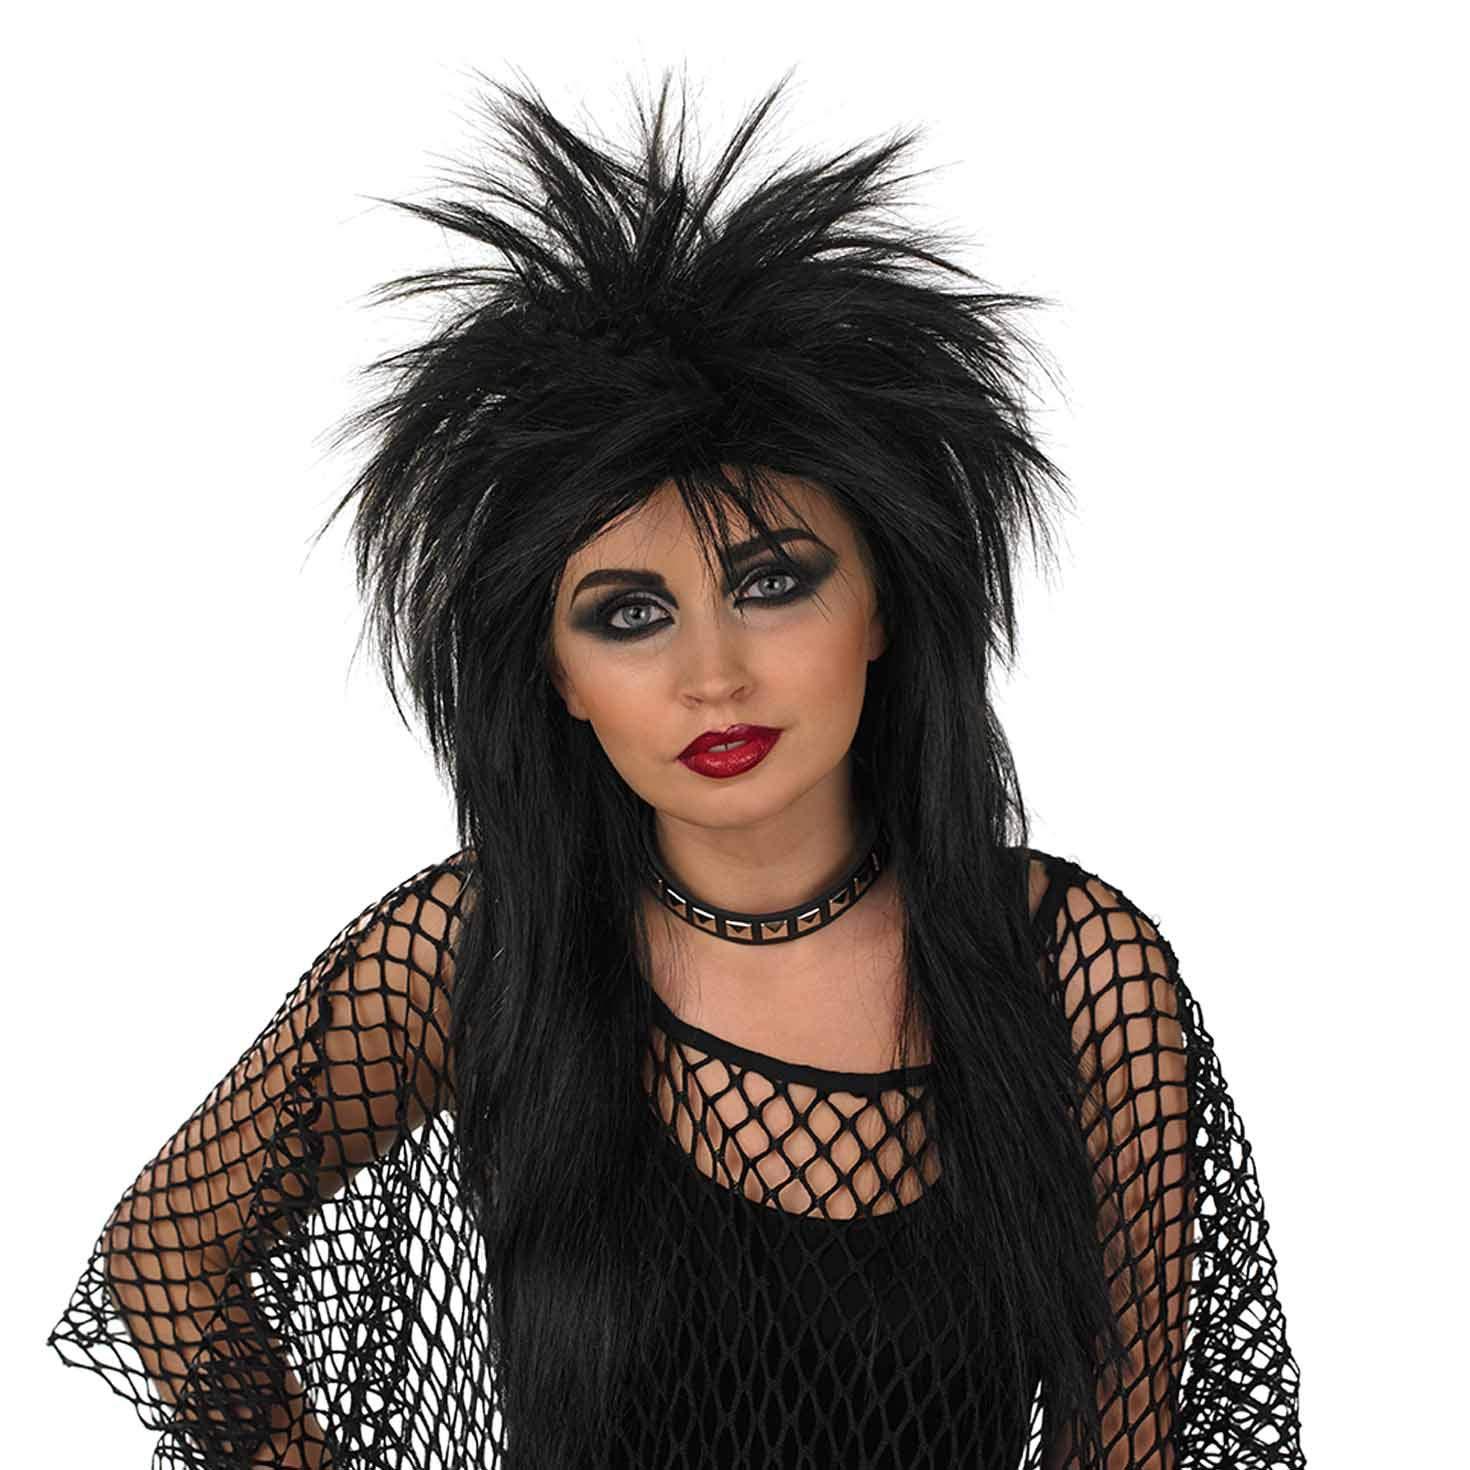 Punk Rocker Mowhawk Fancy Dress Party Wig by Wicked